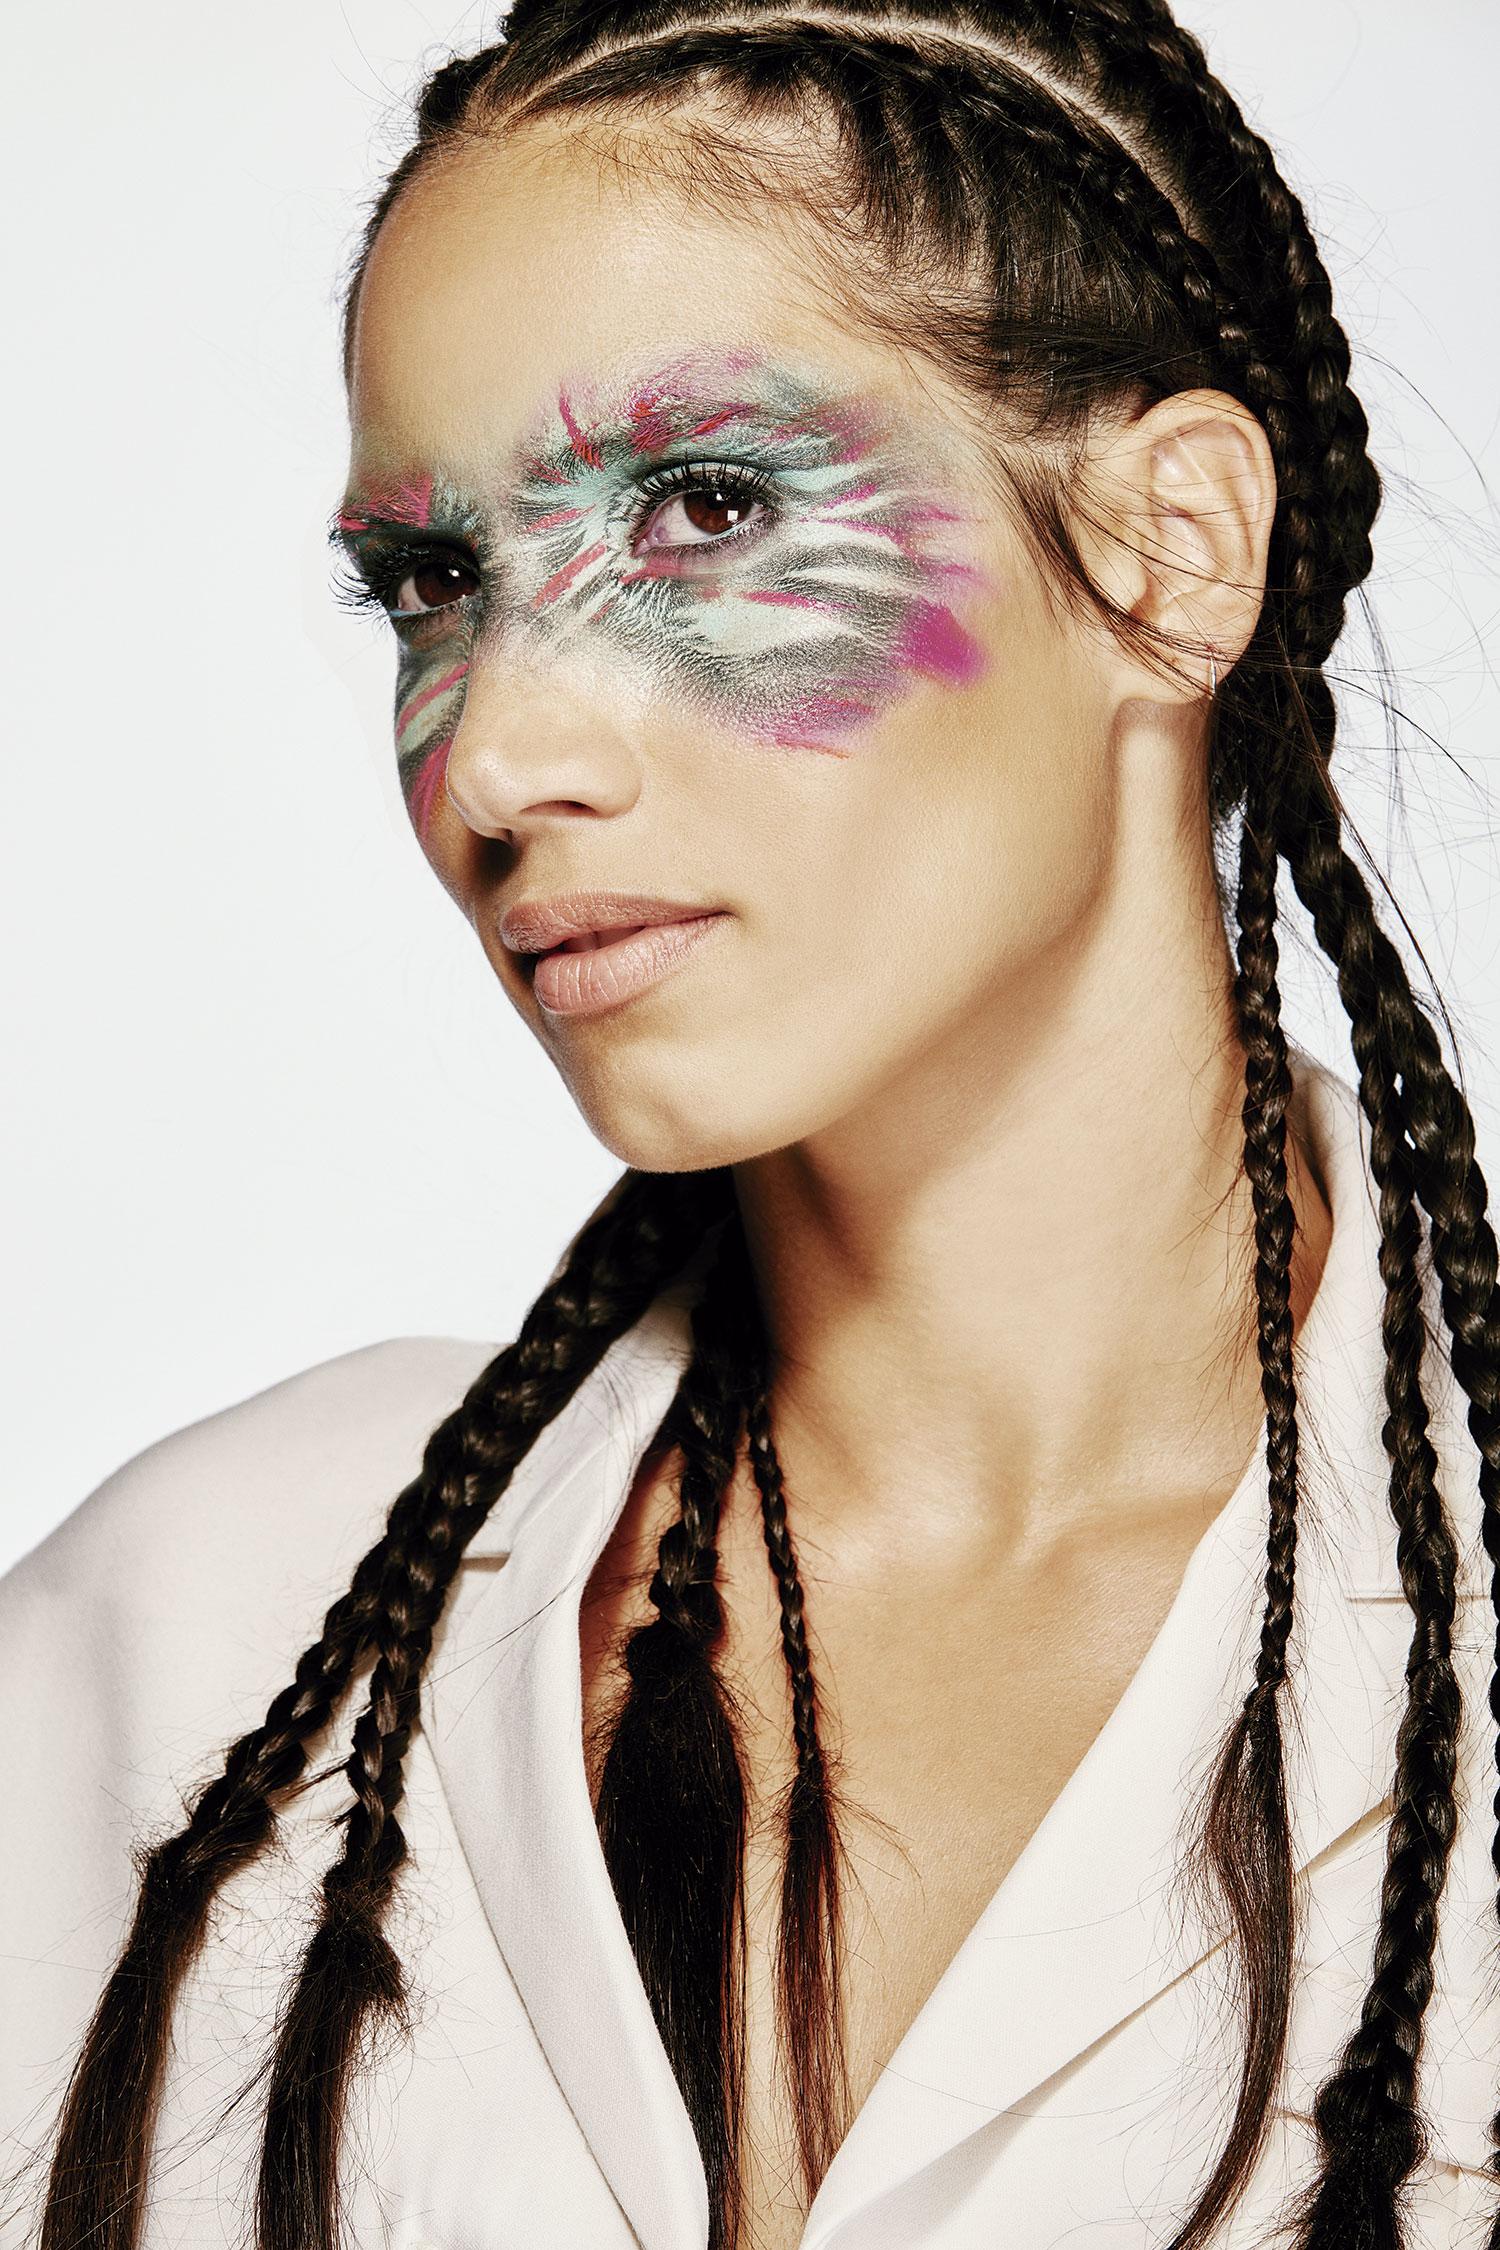 Imagen de India Martínez músico del género Pop activo en Los 2000s